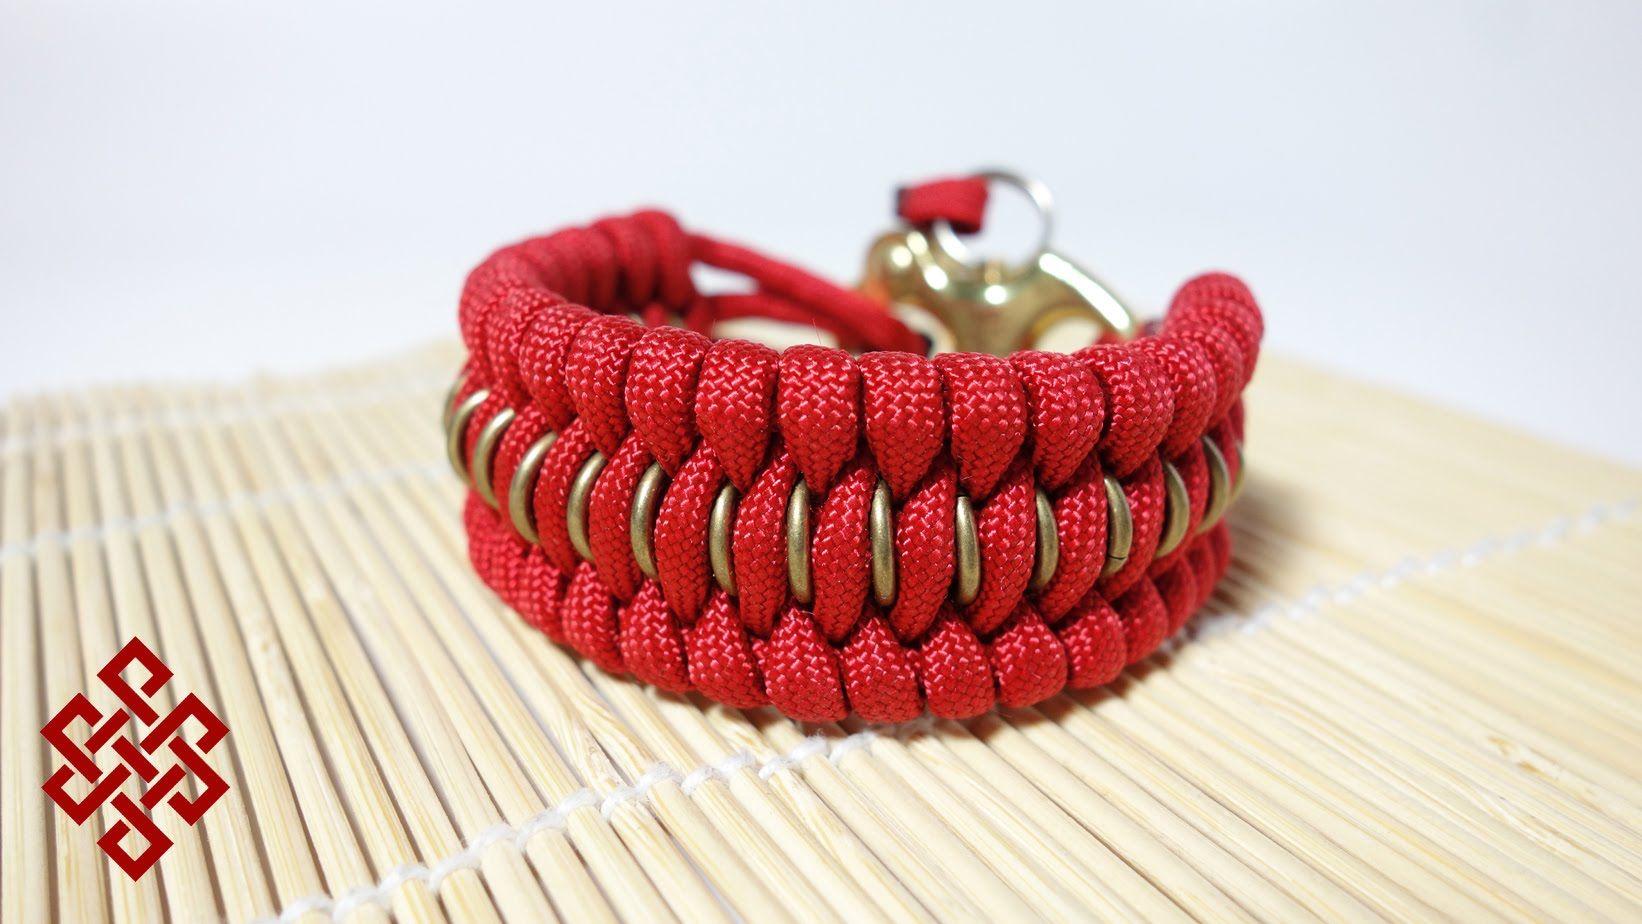 Chain Mail Trilobite Paracord Bracelet Tutorial Uses 15 Gauge